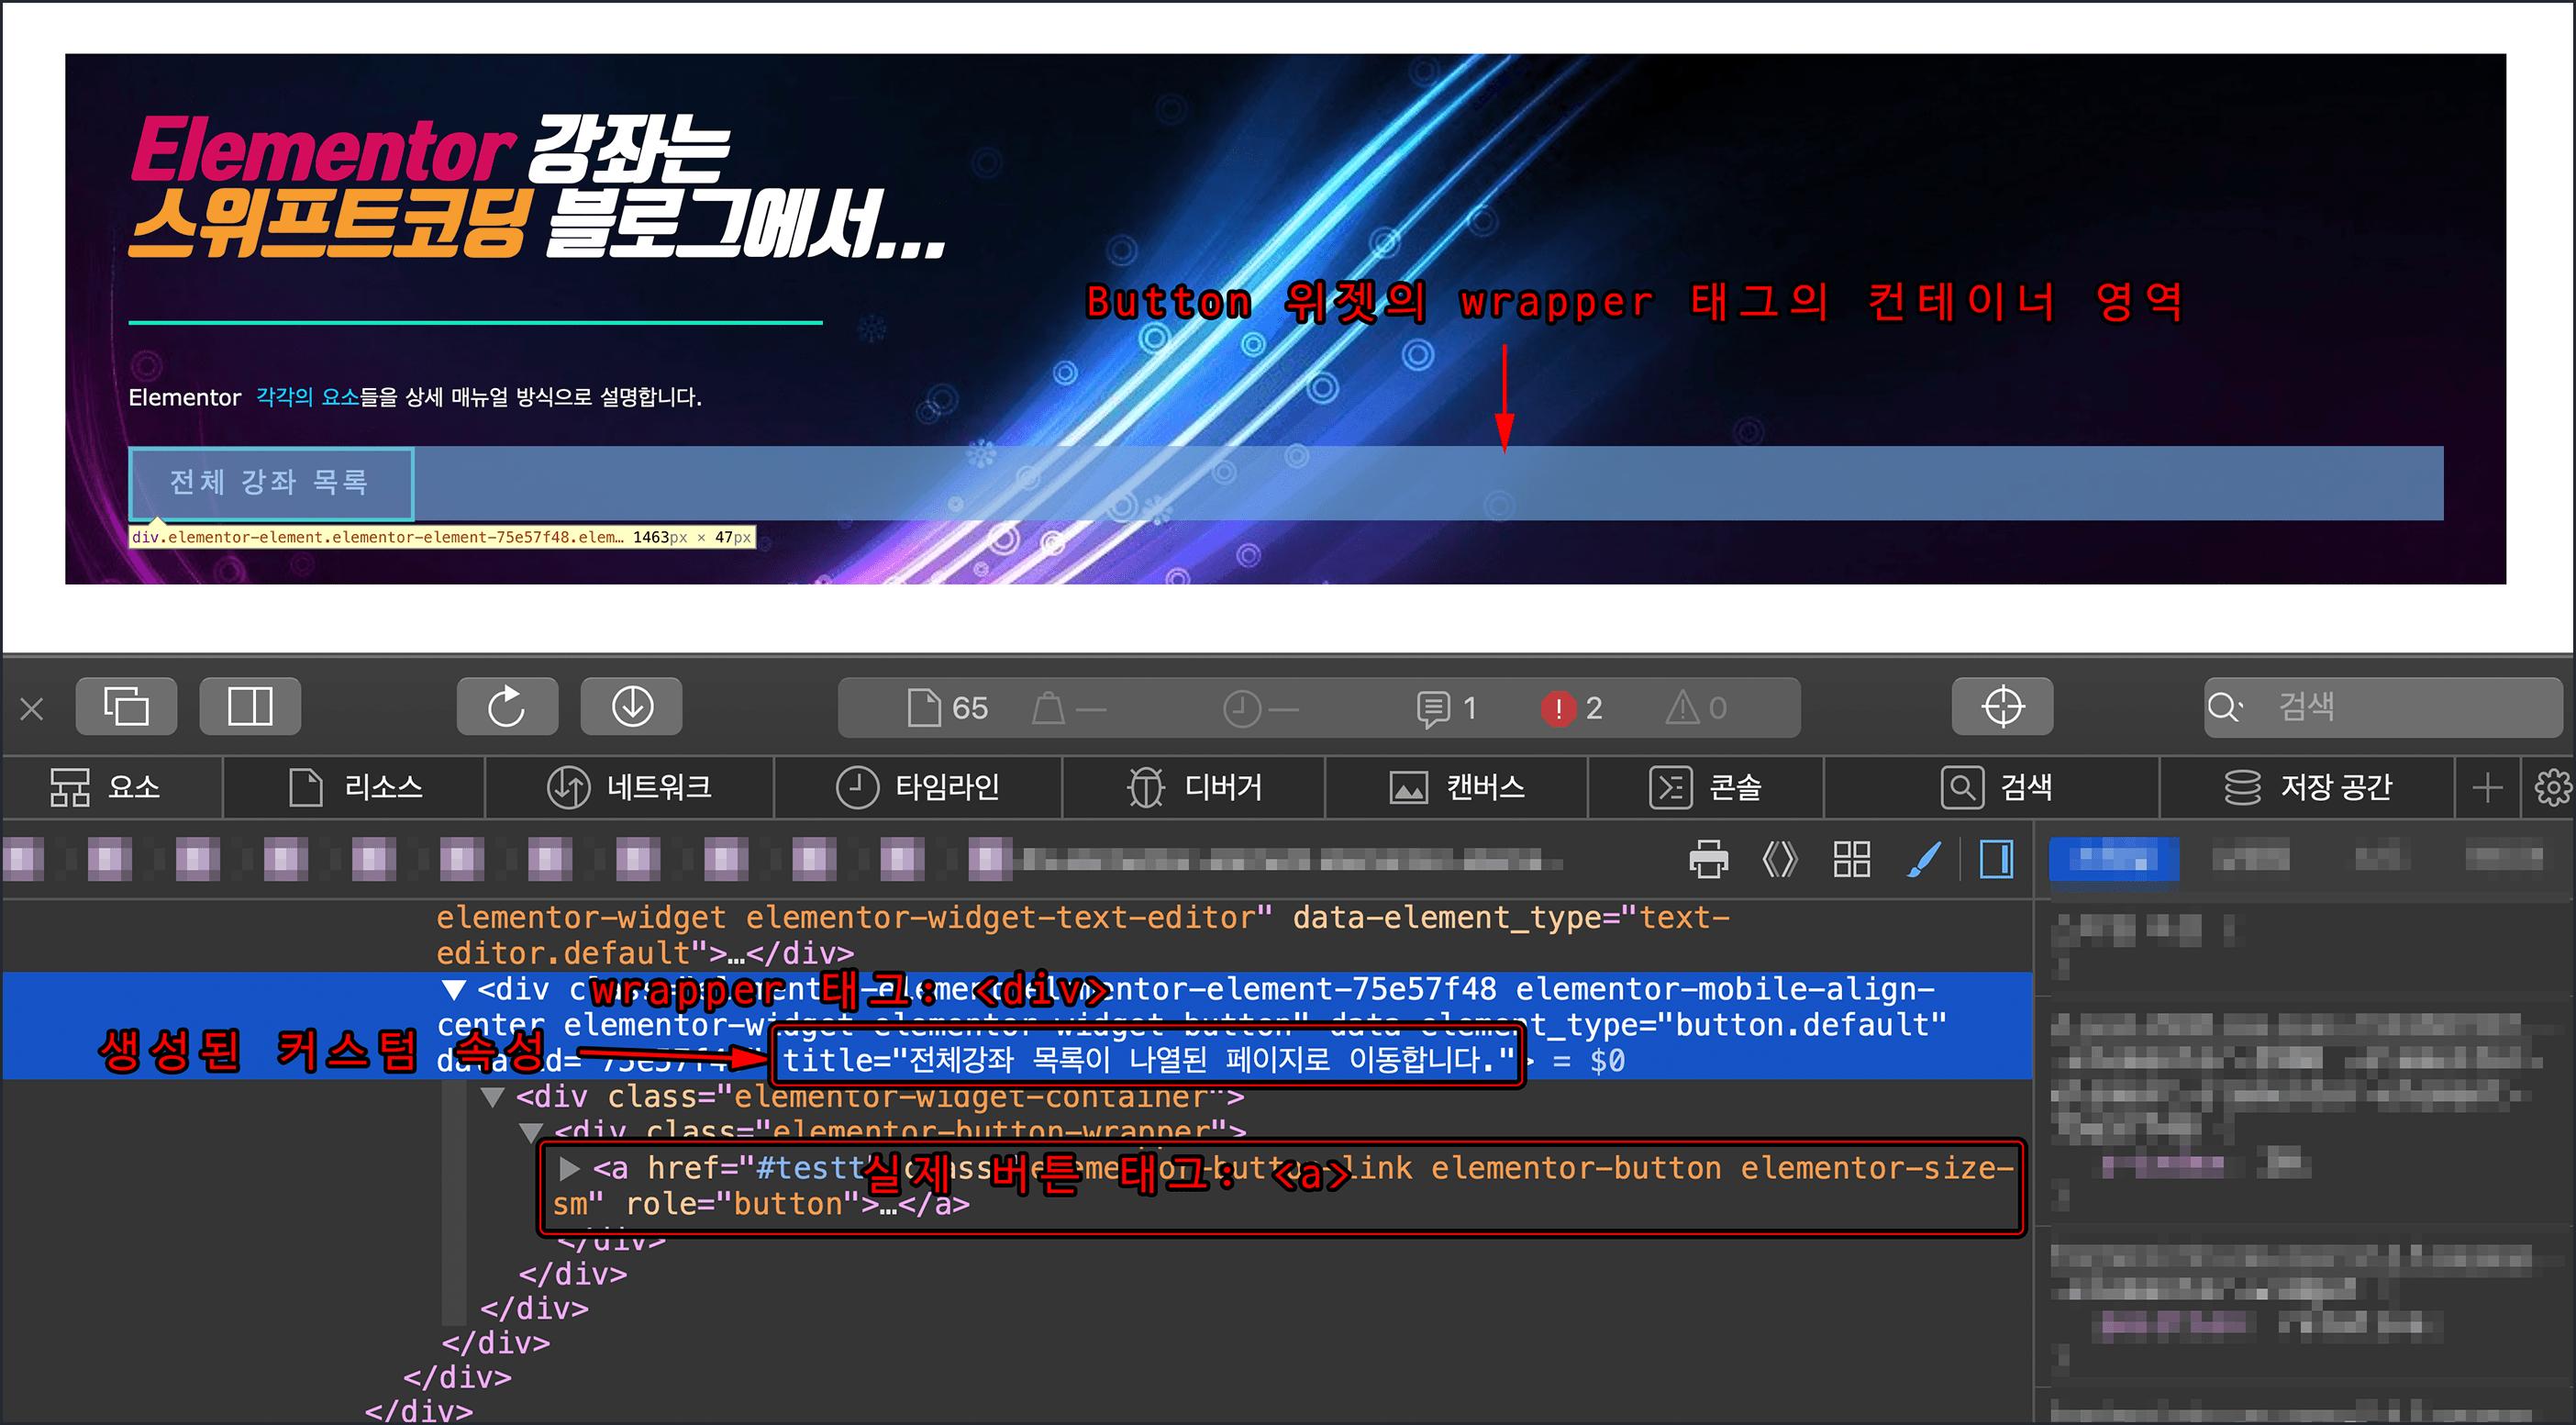 사파리 웹브라우저 개발자 도구 화면에서 HTML DOM 구조를 살펴보는 모습